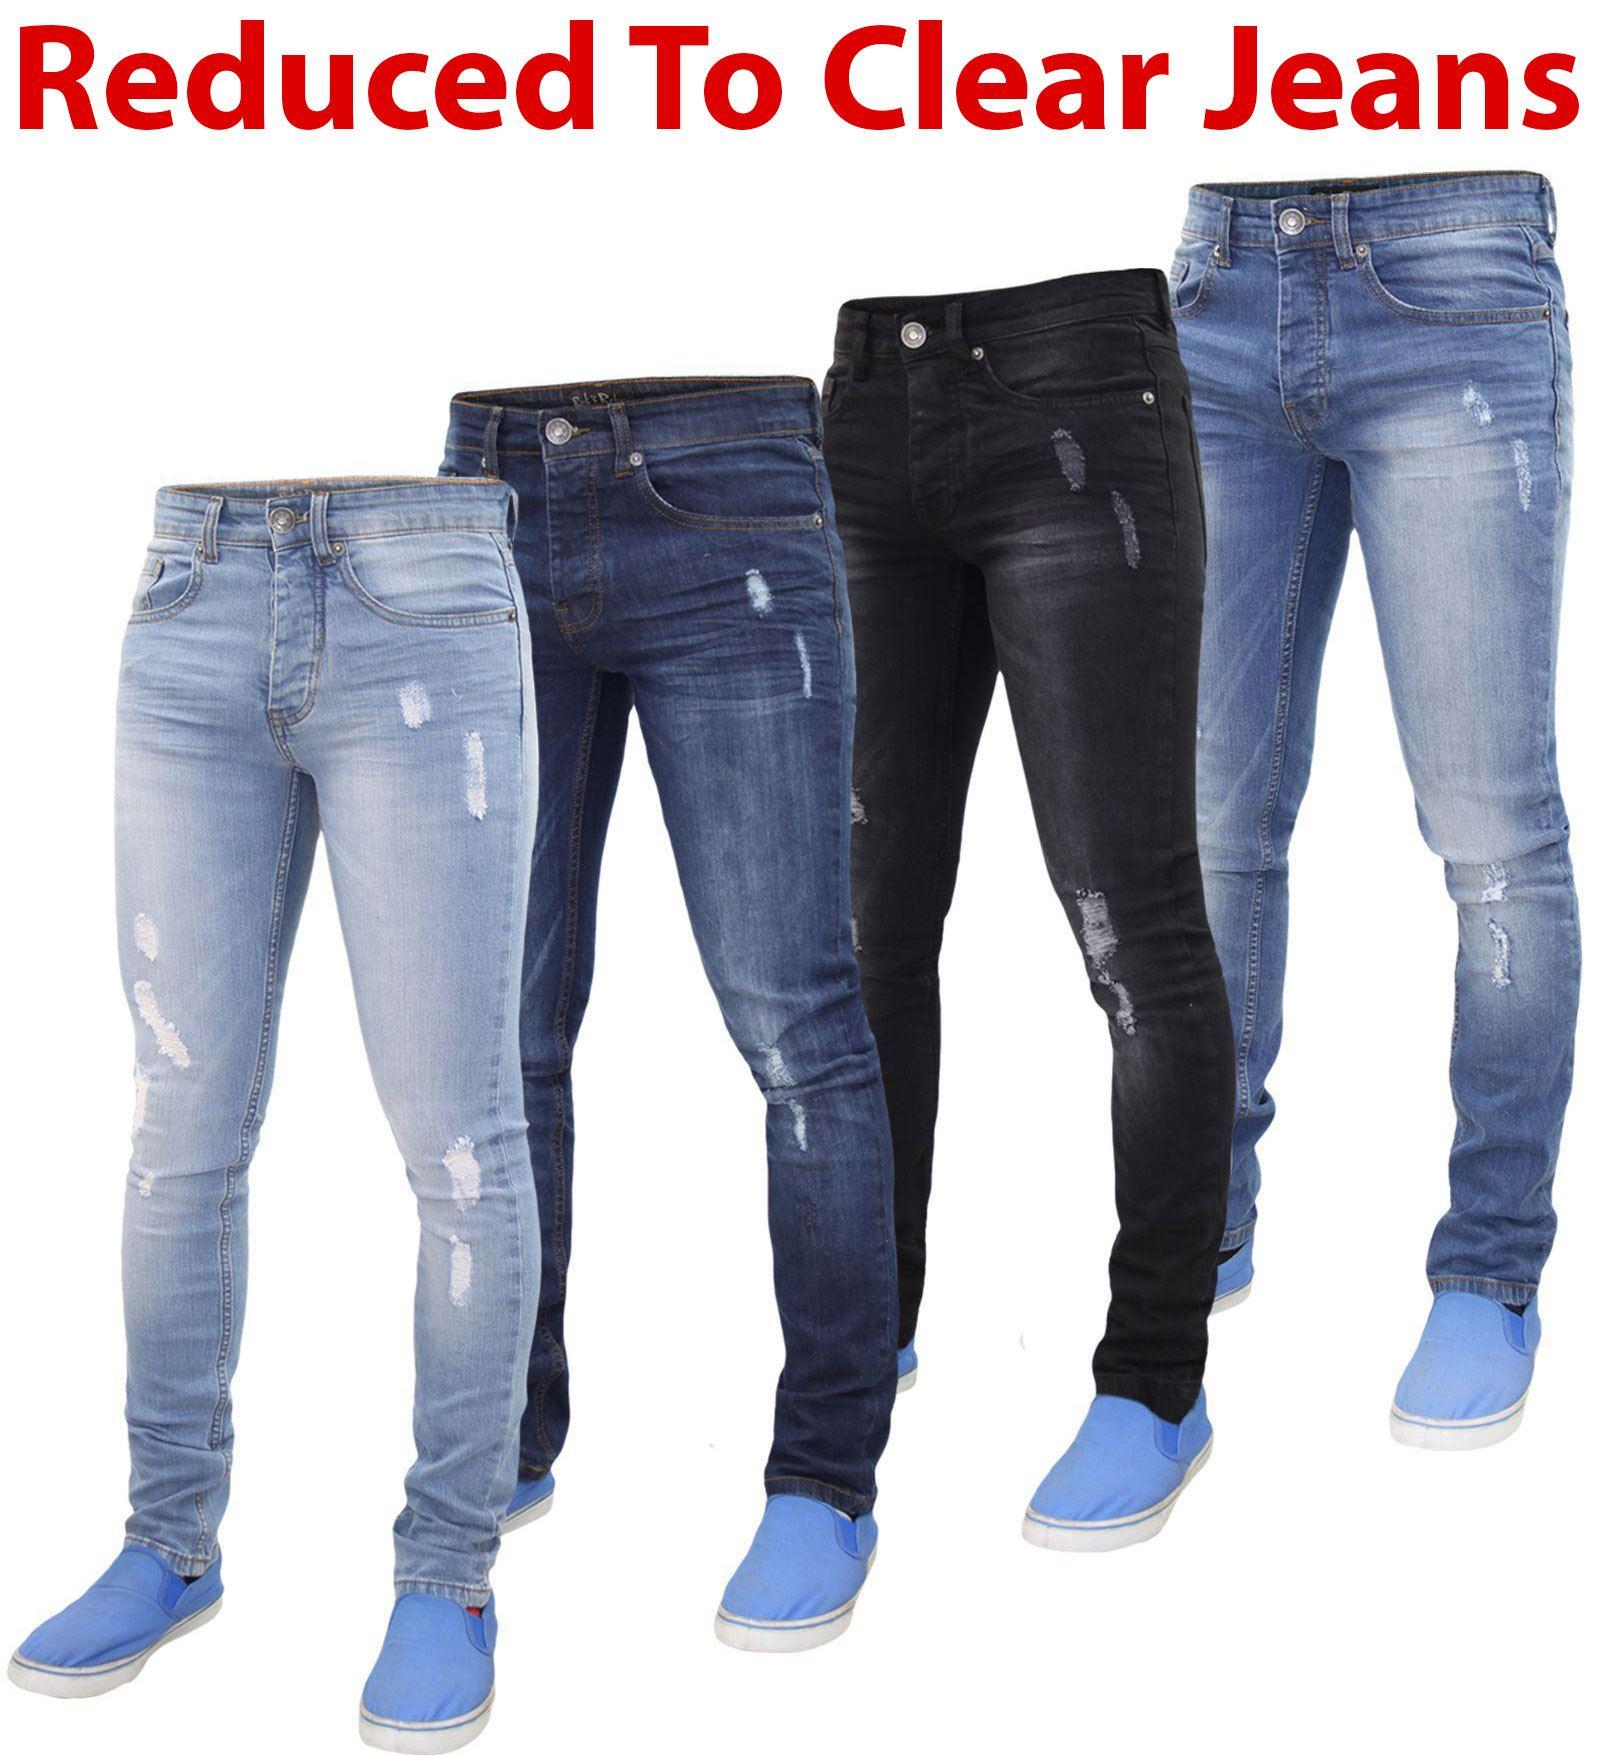 NUOVA linea uomo Super Stretch Skinny Strappato Designer Denim Jeans Pantaloni Tutte Le Taglie Vita